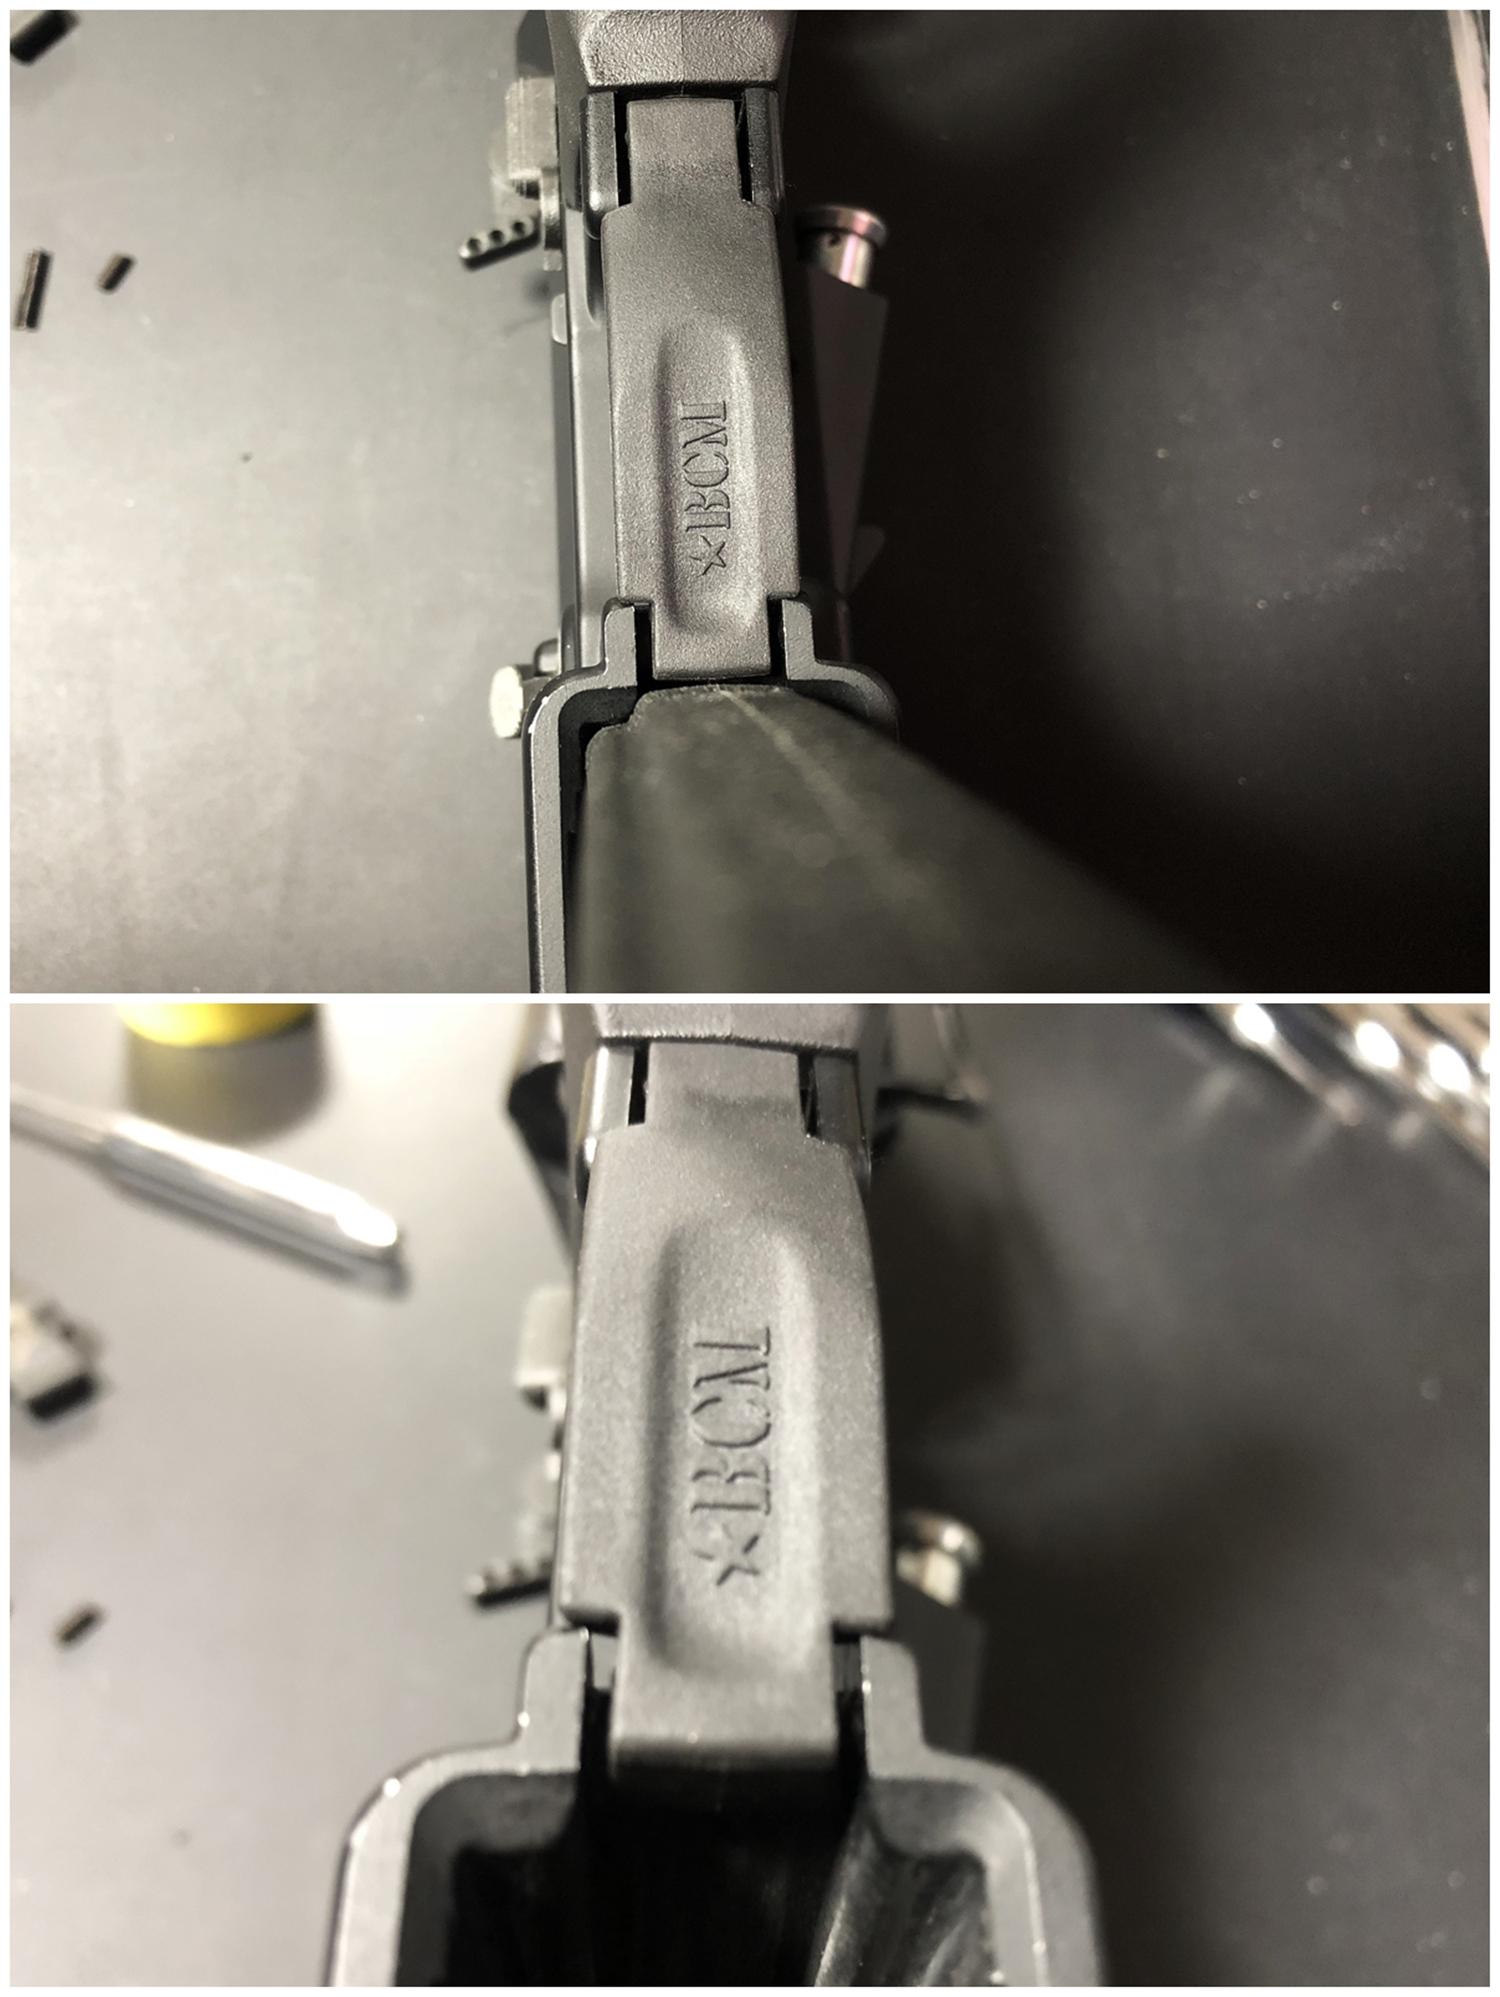 9 実物 BCM GUNFIGHTER TRIGGR GUARD MOD 0 ガンファイタートリガーガード 次世代電動ガンに実物トリガーガードを取付けてやる!! 開封 3Dプリント DIY 加工 交換 取付 正規品 新品 カスタム レビュー